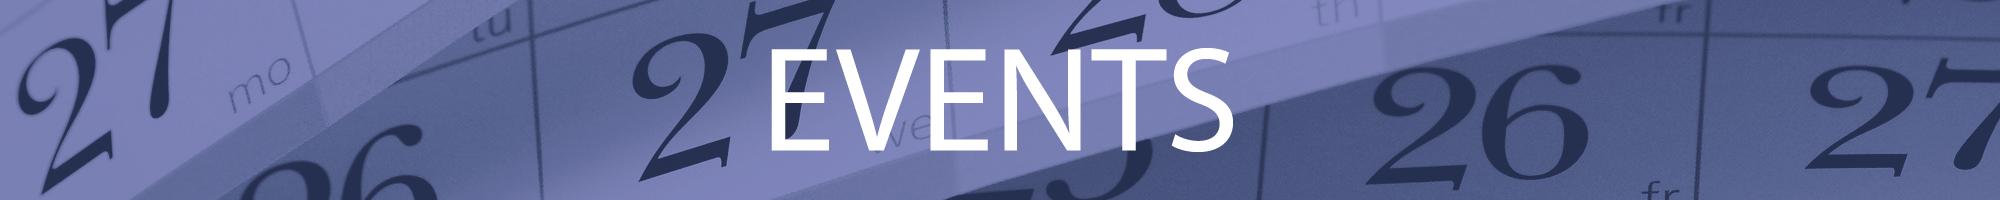 EVENTS_BANNER_FINAL_V1